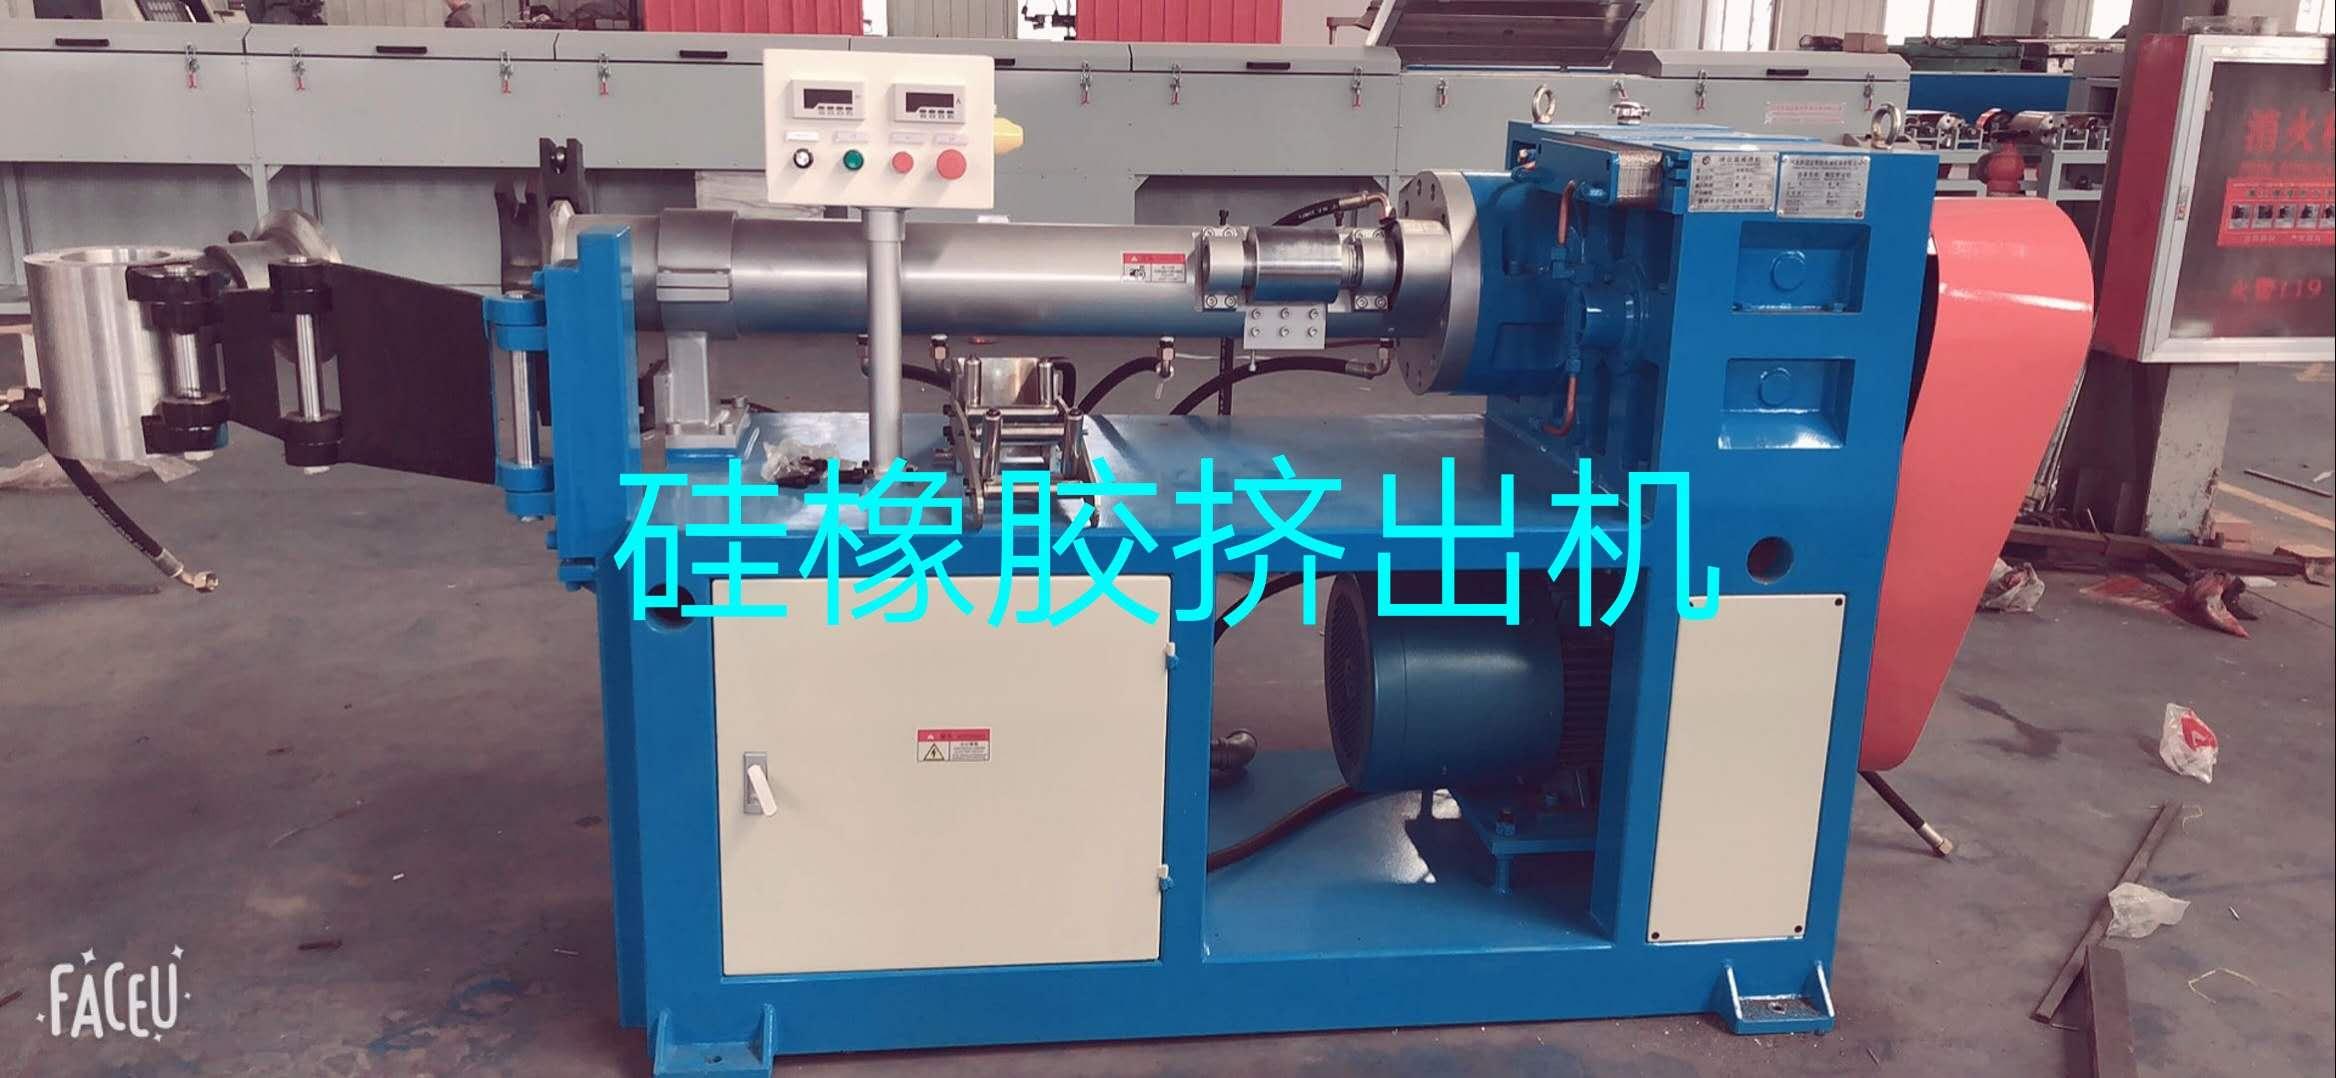 硅橡胶挤出机,硅橡胶管挤出机,硅橡胶挤出设备